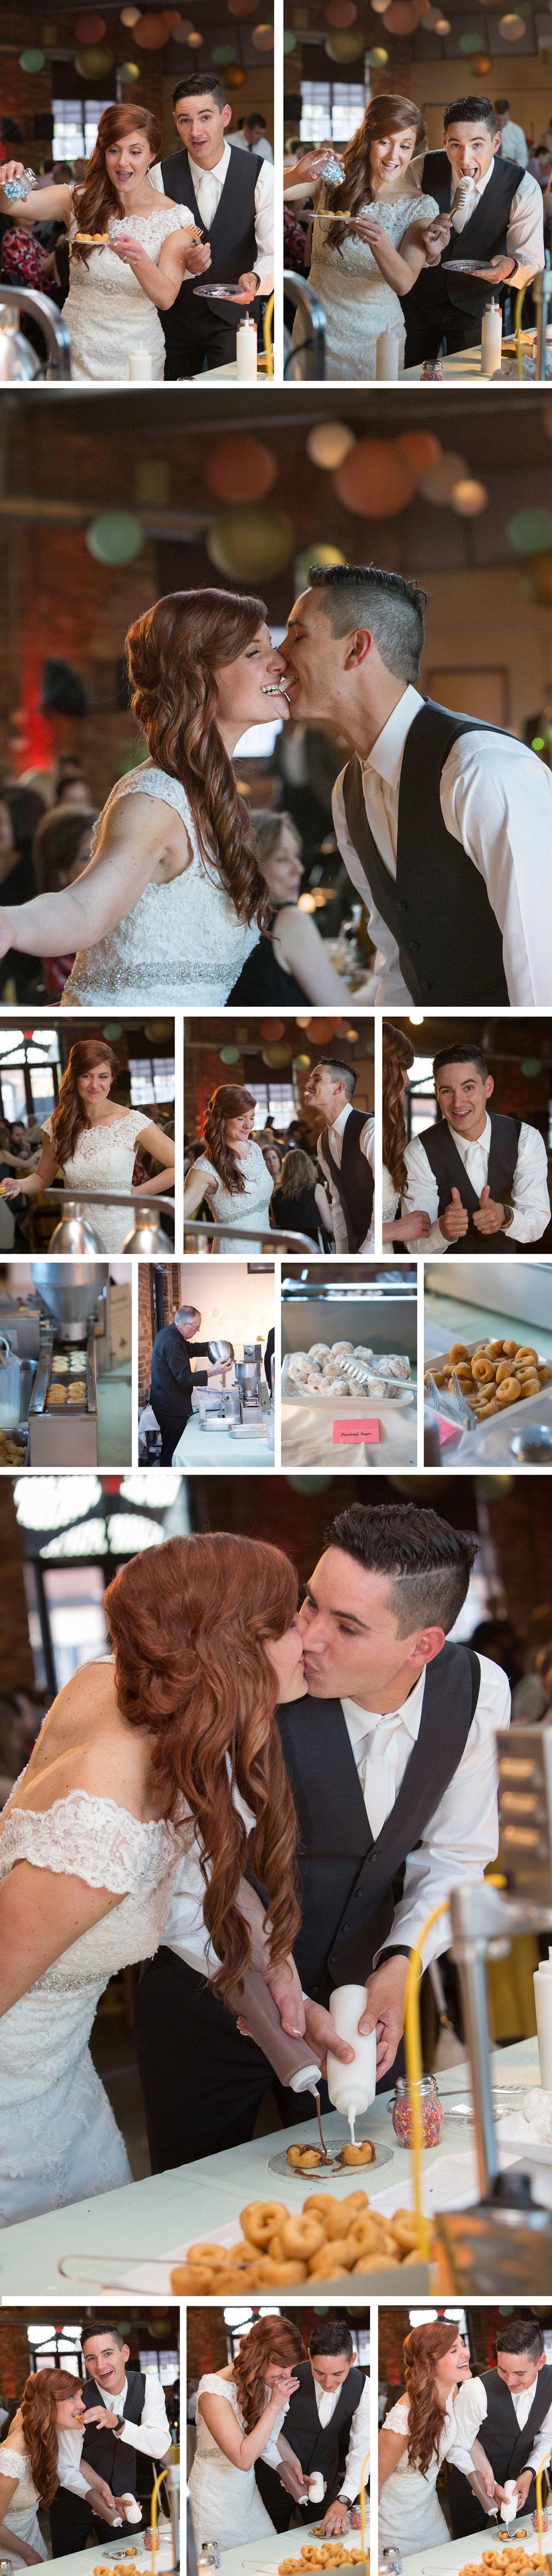 reception5.jpg